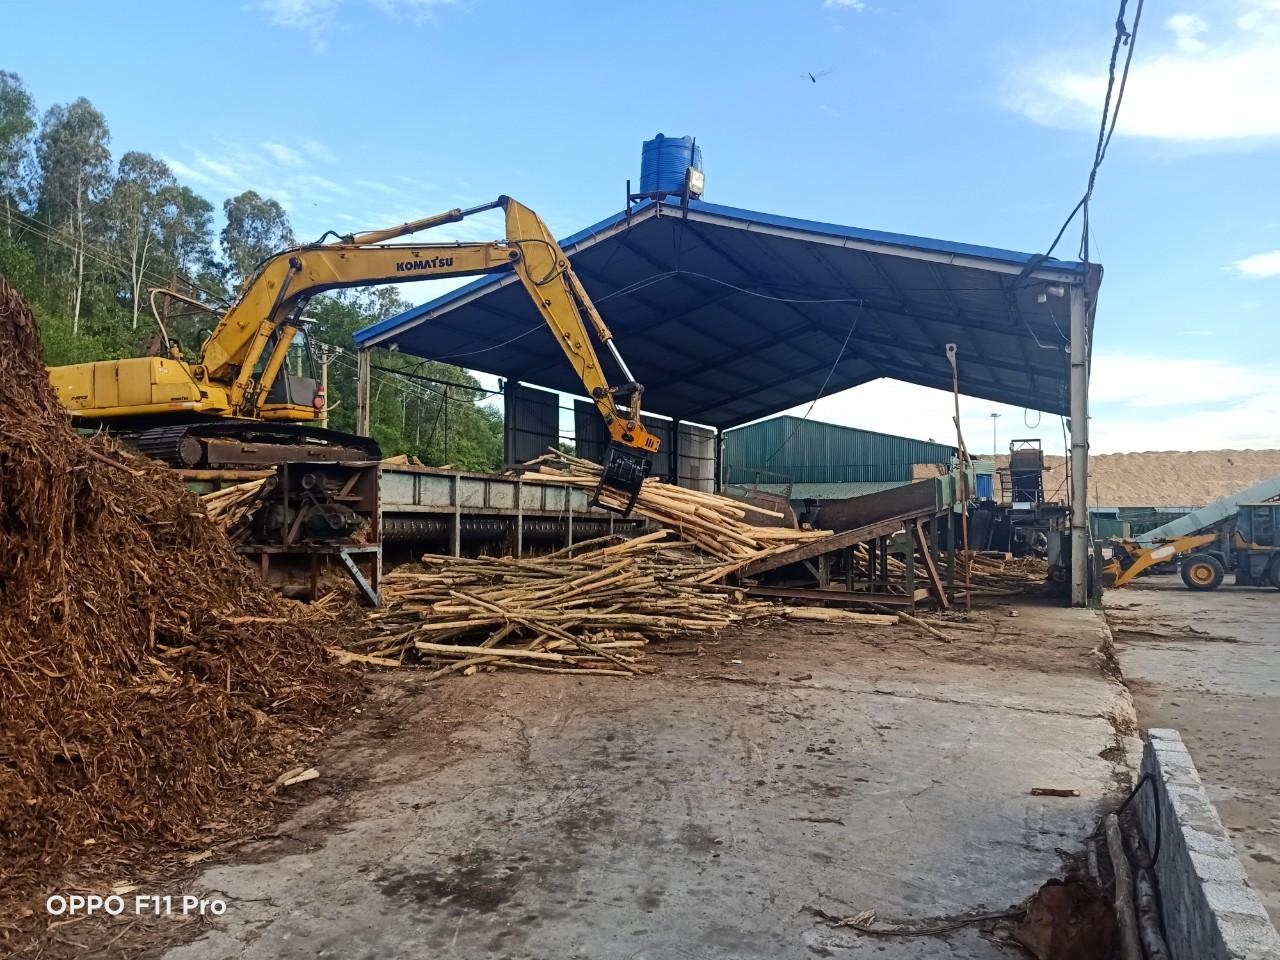 Nghi Sơn - Thanh Hoá: Vì sao các cơ sở chế biến gỗ dăm tại Cảng PTSC vẫn ngang nhiên hoạt động (Kỳ 2)?